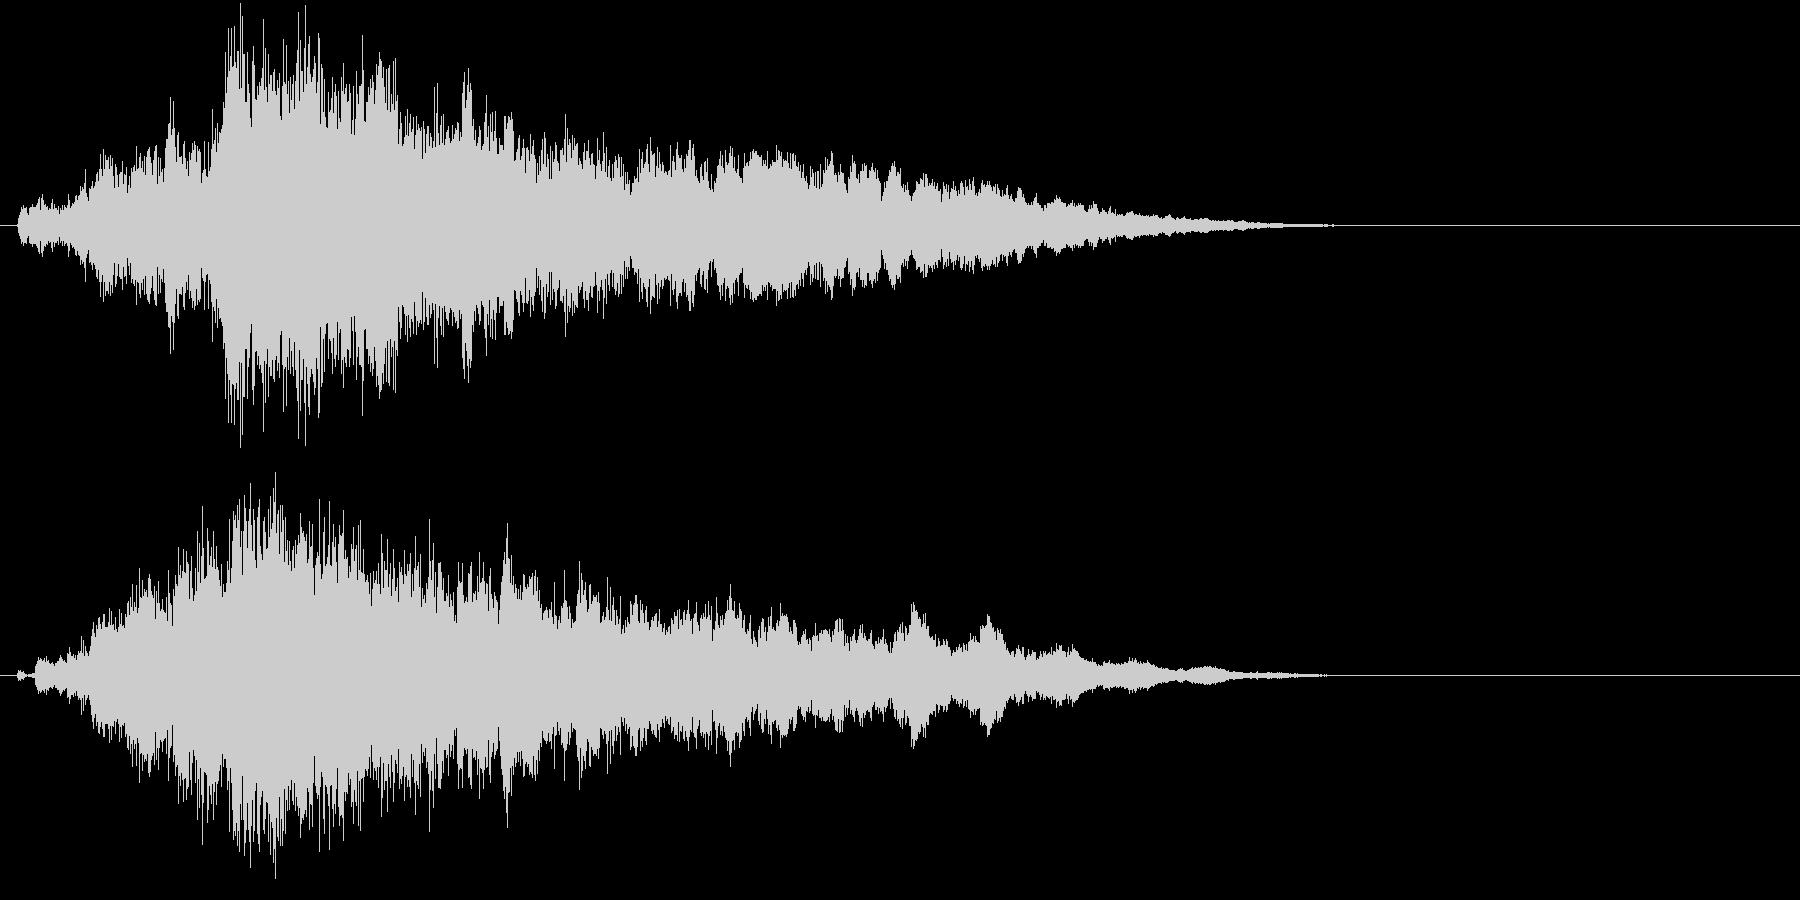 自然を意識した幻想的なサウンドロゴの未再生の波形